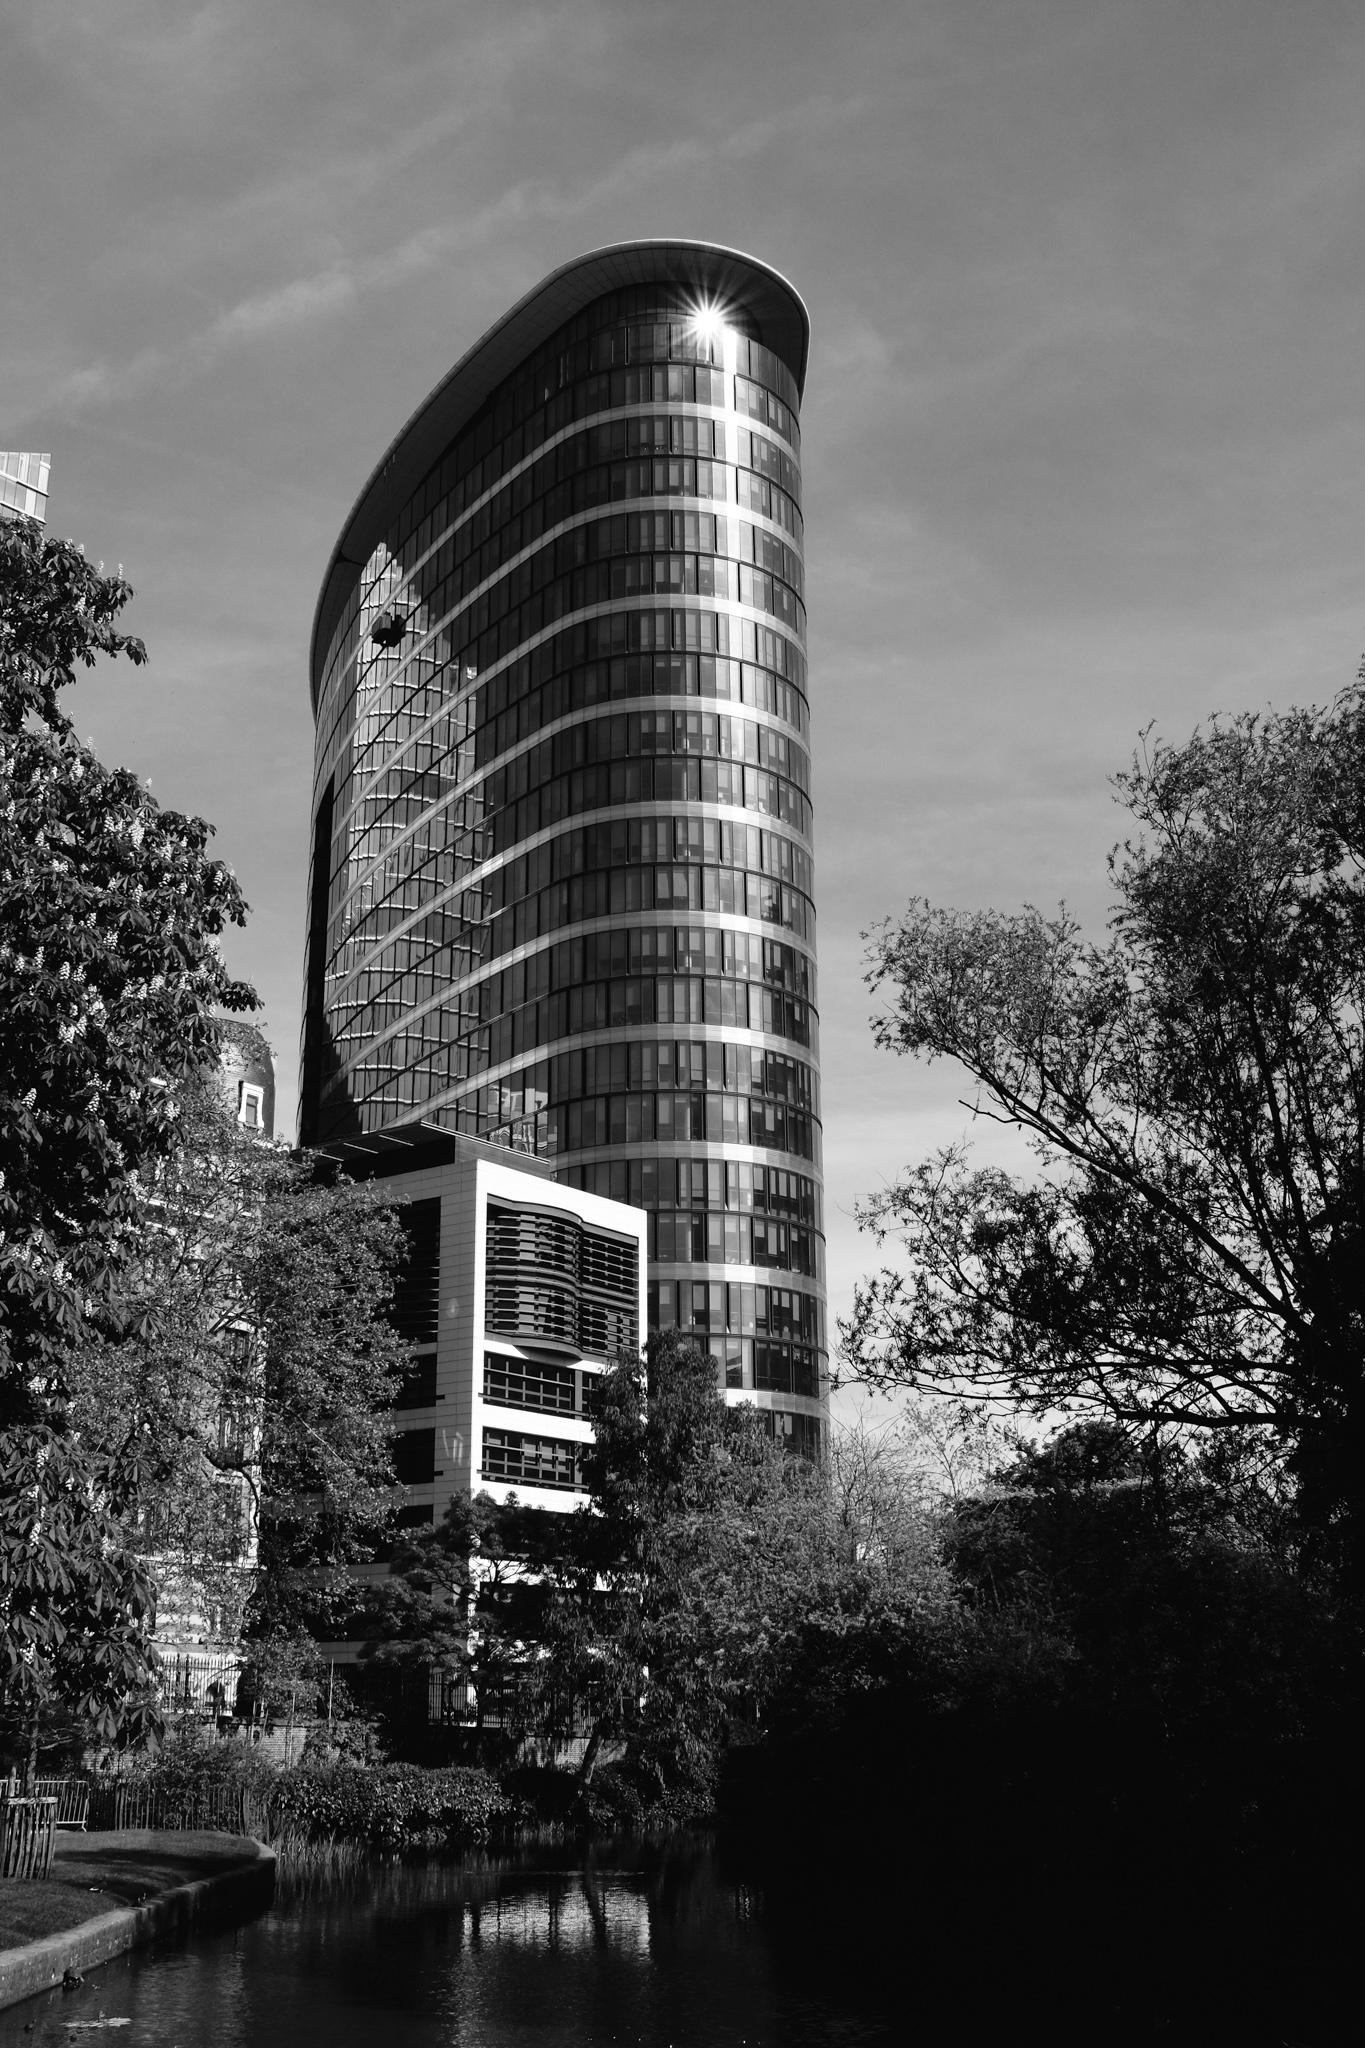 3225-architecture-in-belgium.jpg